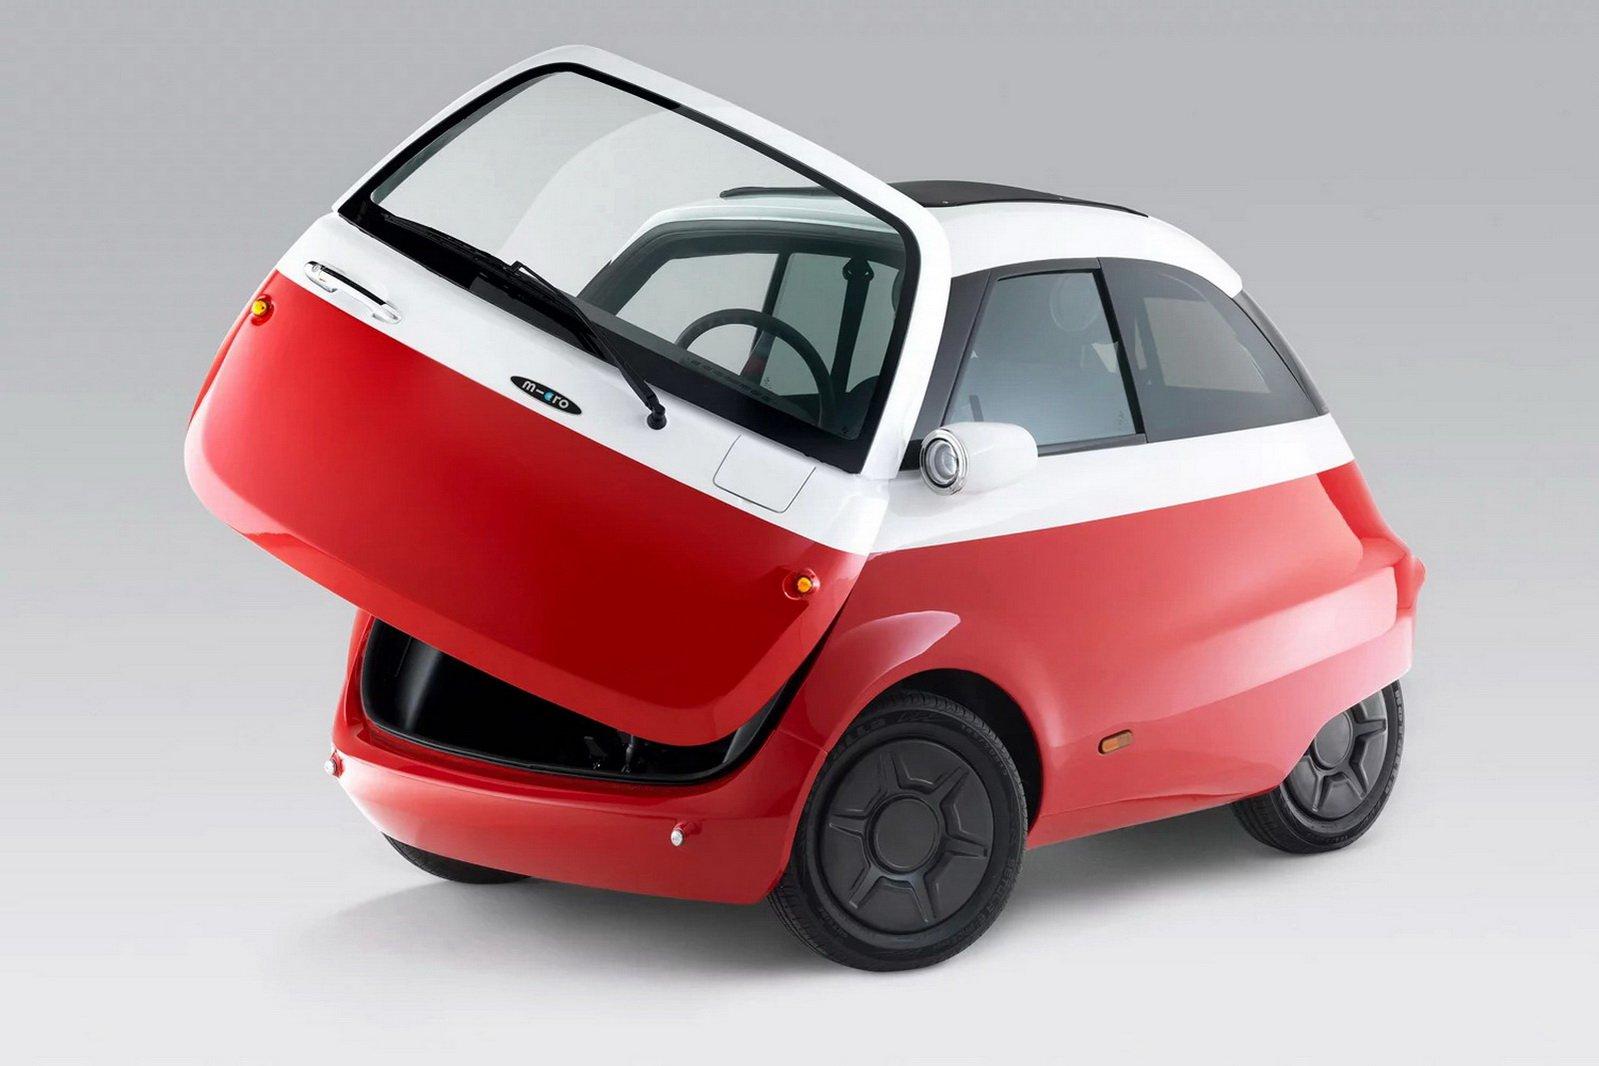 خودرویی حبابی با الهام از ایستای بامو